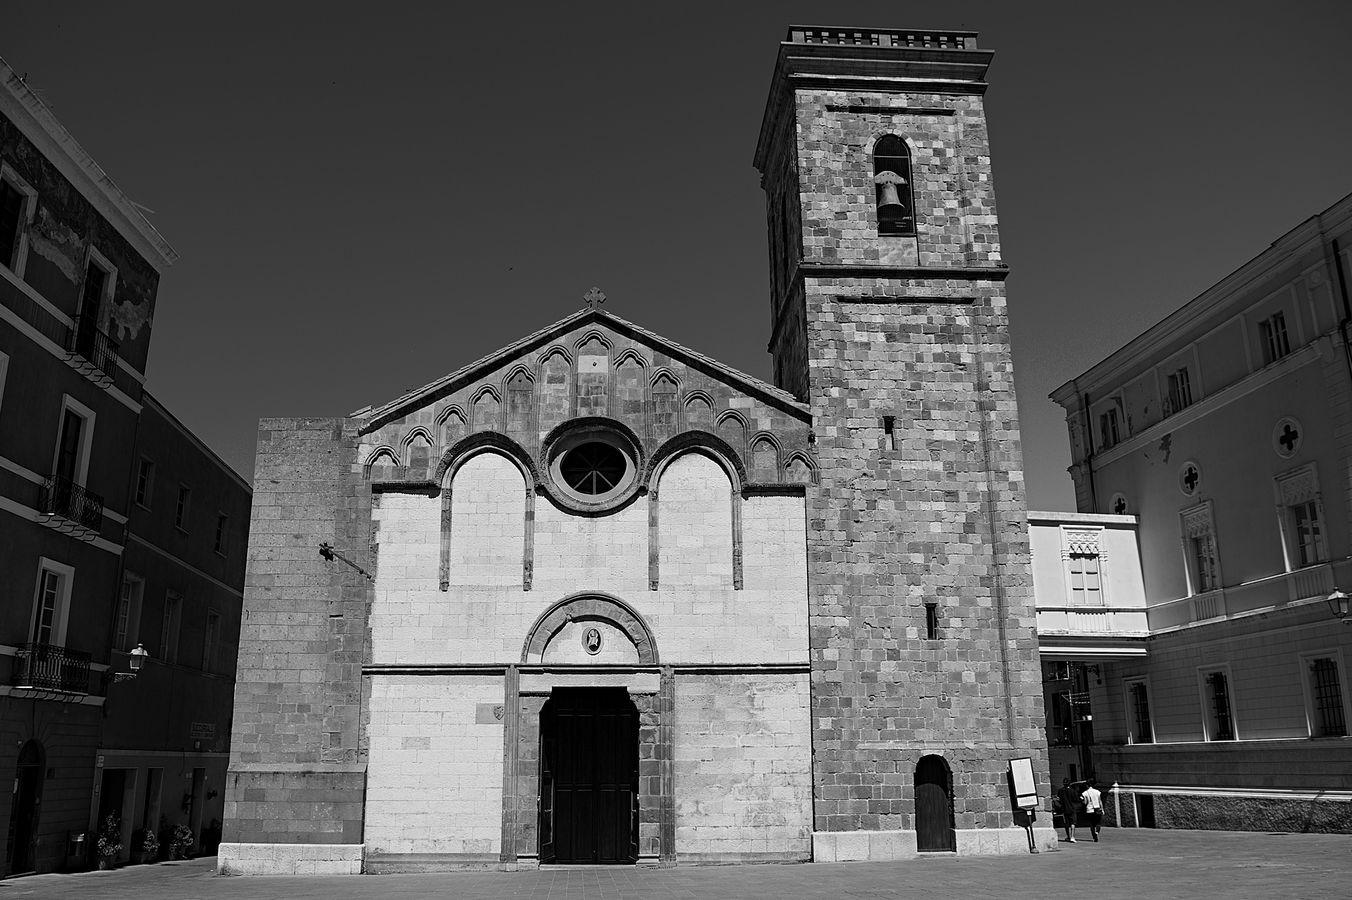 kostolna námestí